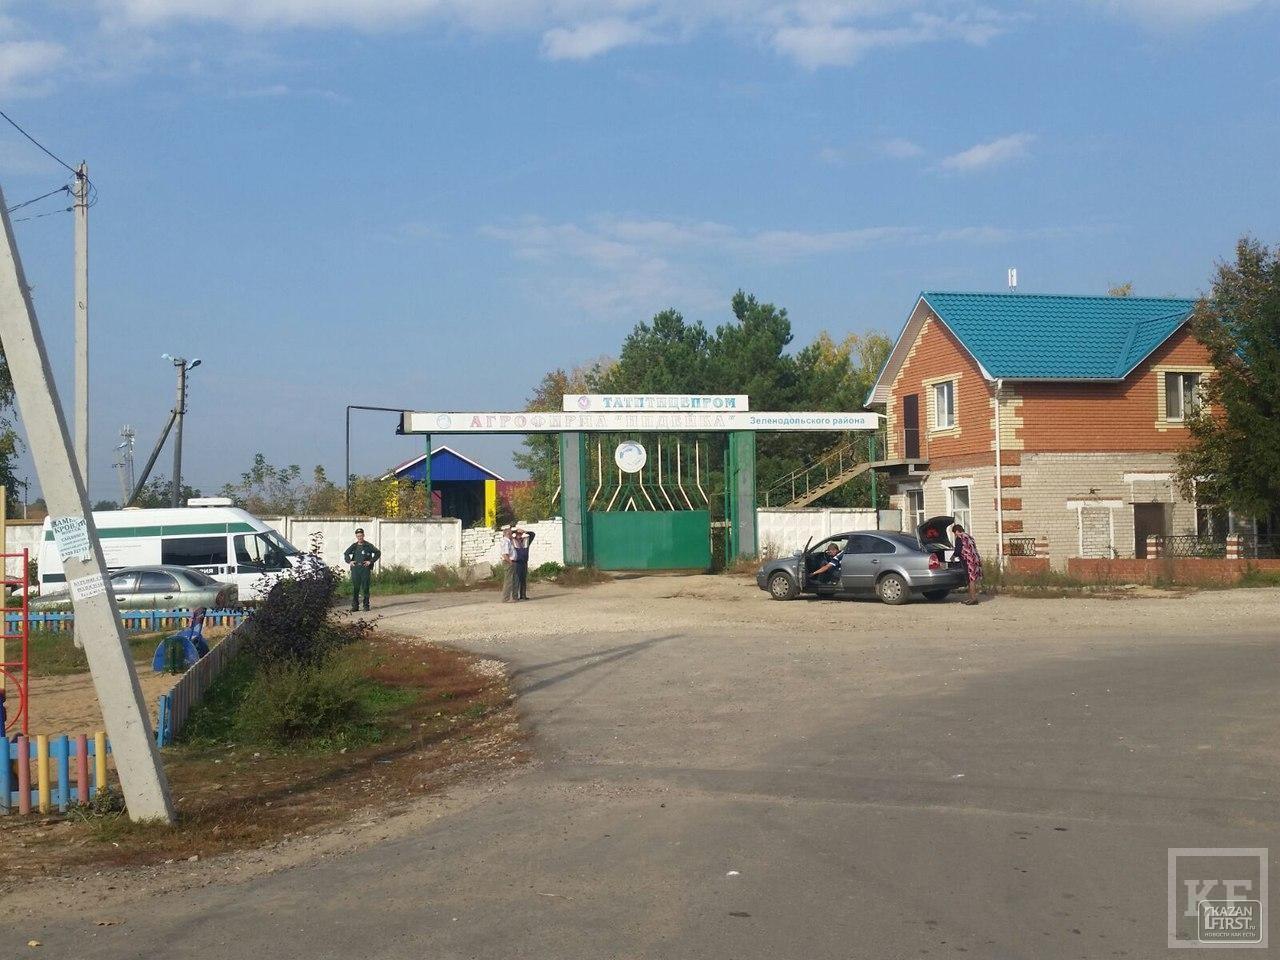 Экс-глава поселка Октябрьский Шарафиев согласился с решением Зеленодольского суда взять на баланс исполкома бесхозные канализационные сети